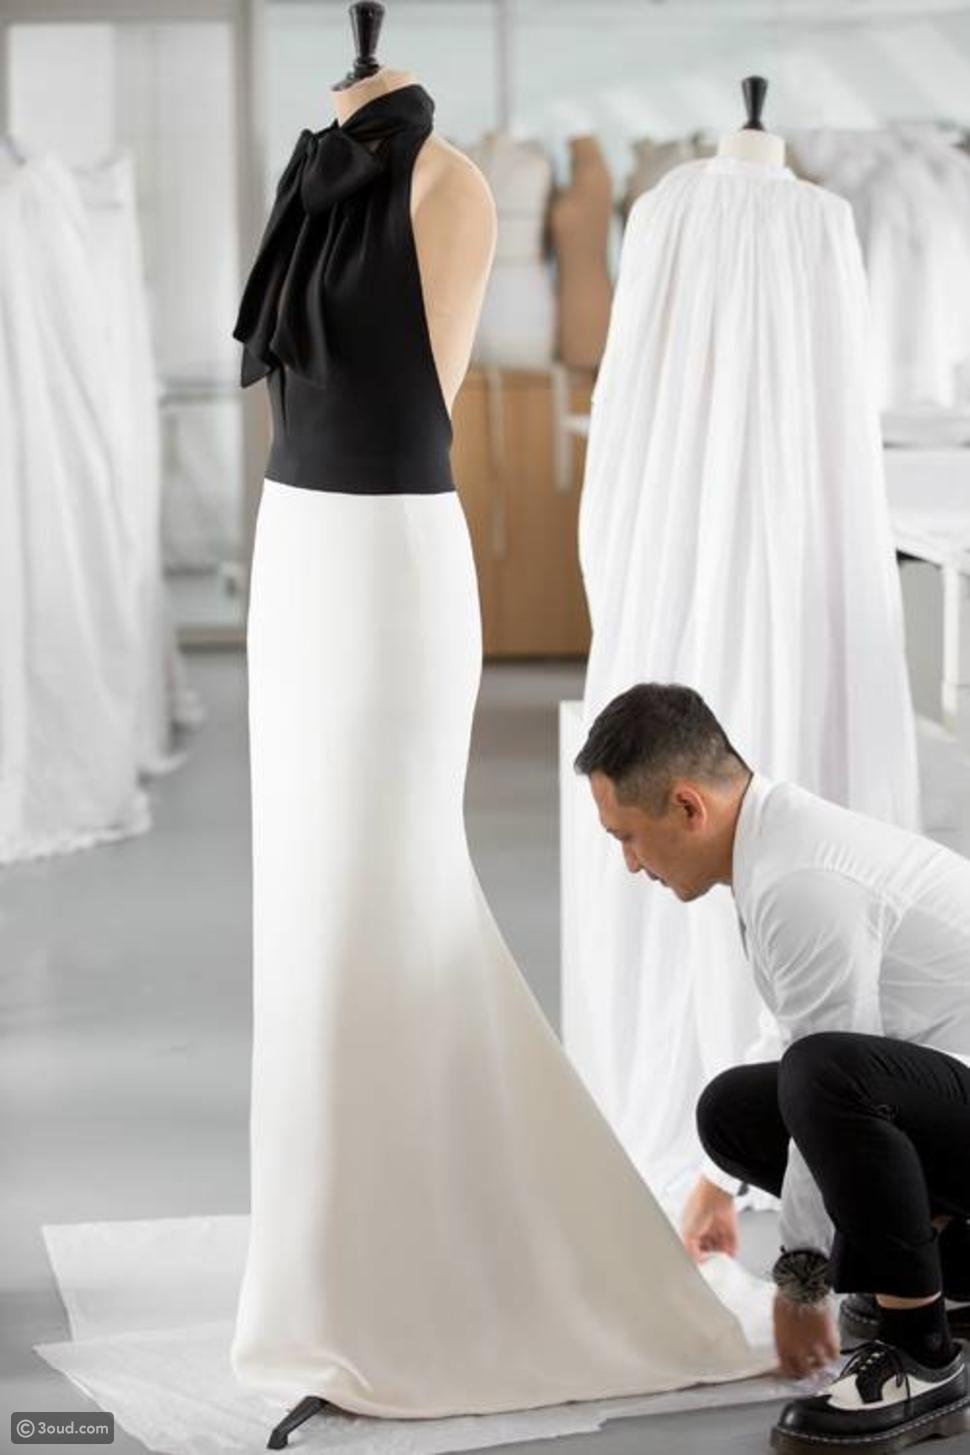 250 ساعة عمل لتنفيذ فستان تشارليز ثيرون في الغولدن غلوب